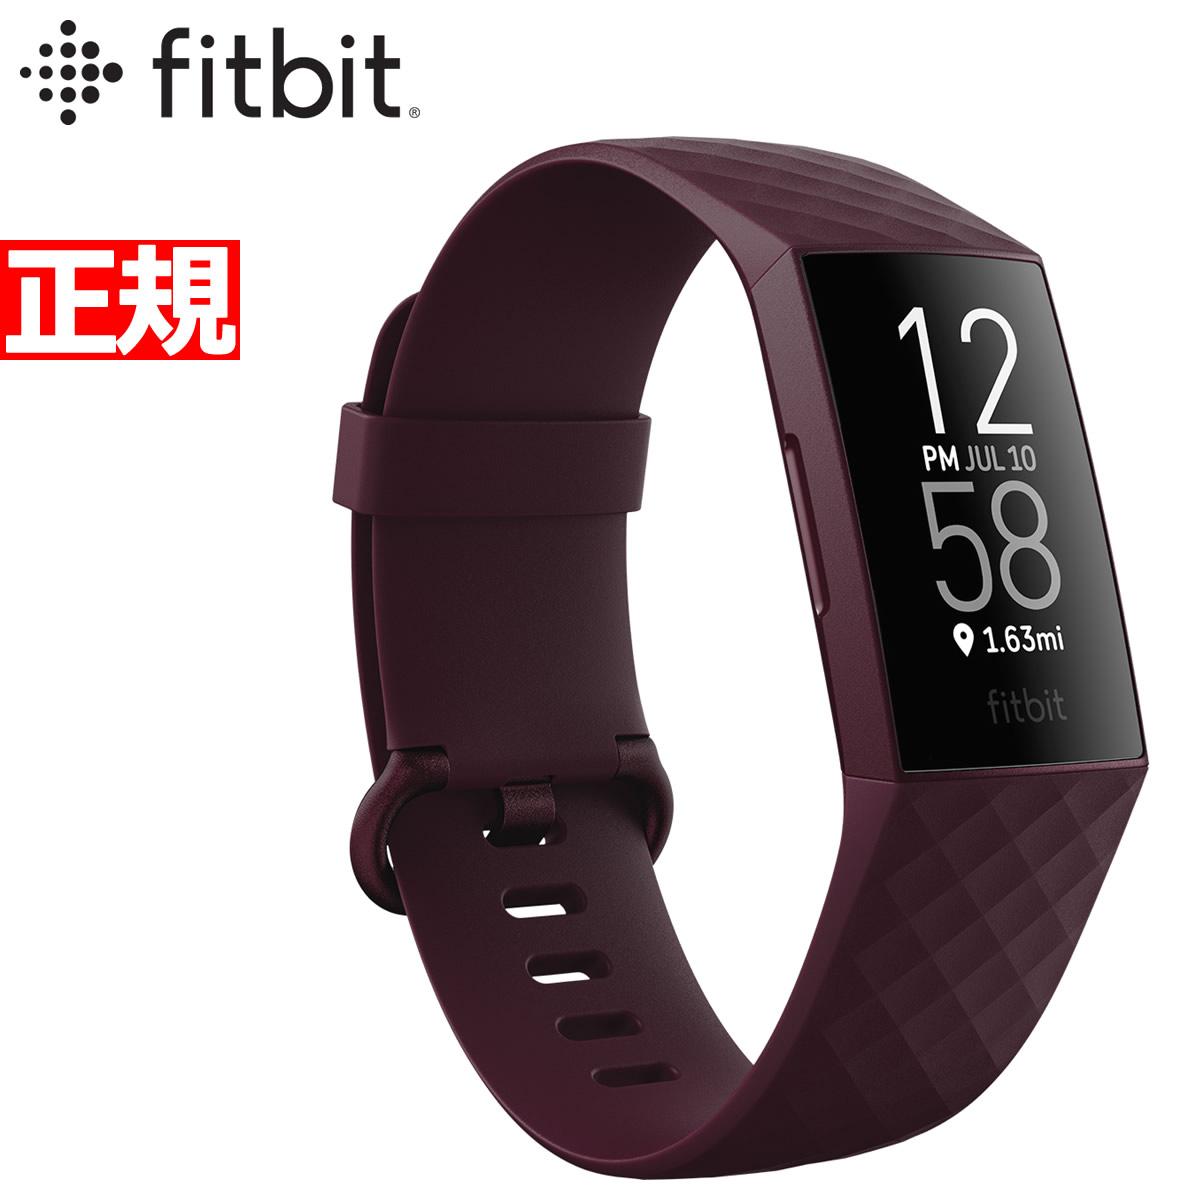 正規品 送料無料 ラッピング無料 18日0時~ 店内ポイント最大37.5倍 18日23時59分まで フィットビット Fitbit charge4 新着 チャージ4 トラッカー おすすめ ローズウッド フィットネス 2020 ウェアラブル端末 心拍計 FB417BYBY-FRCJK 新作 腕時計 GPS搭載